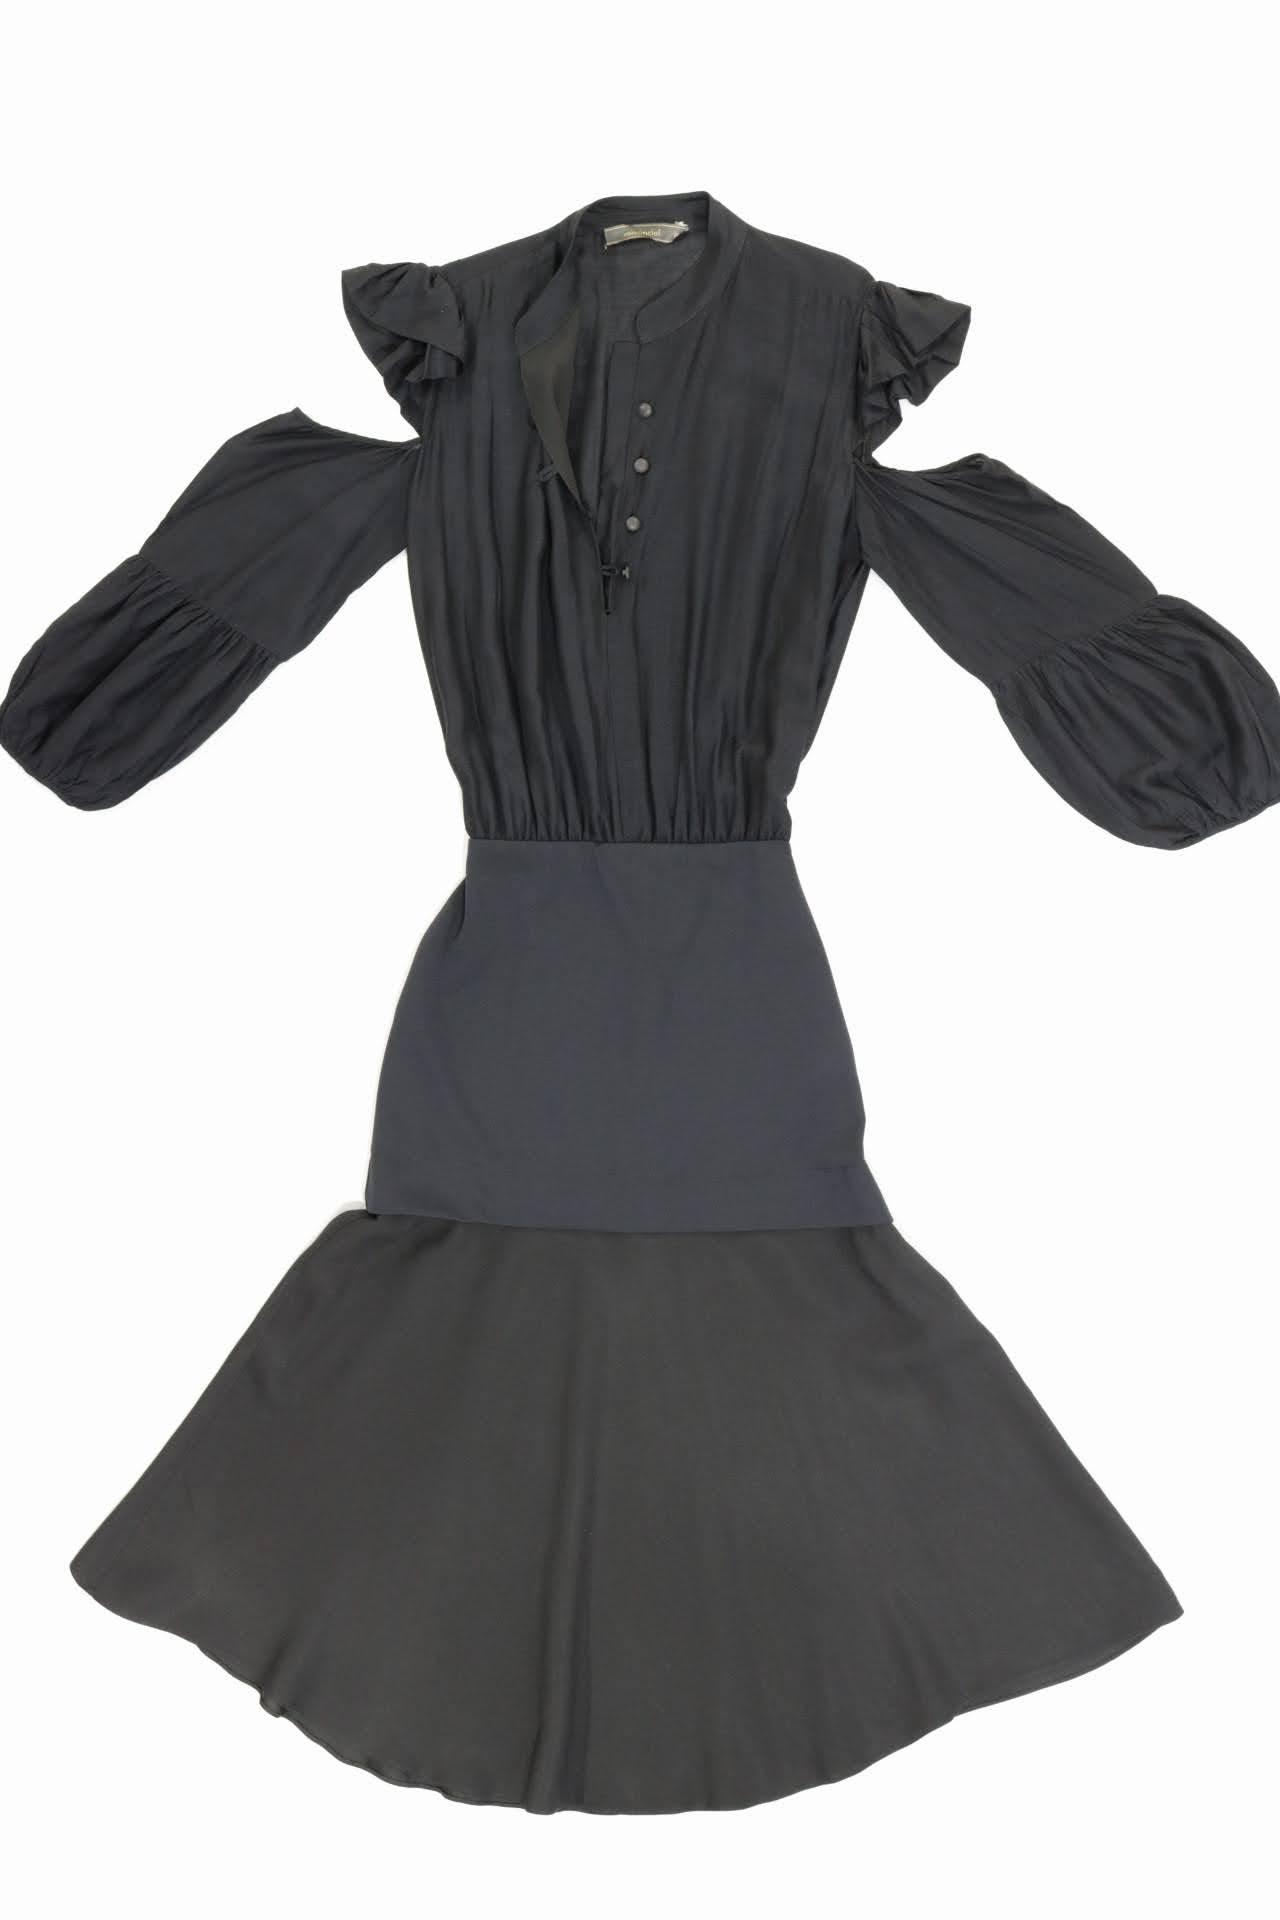 Vestido-Missinclof-P